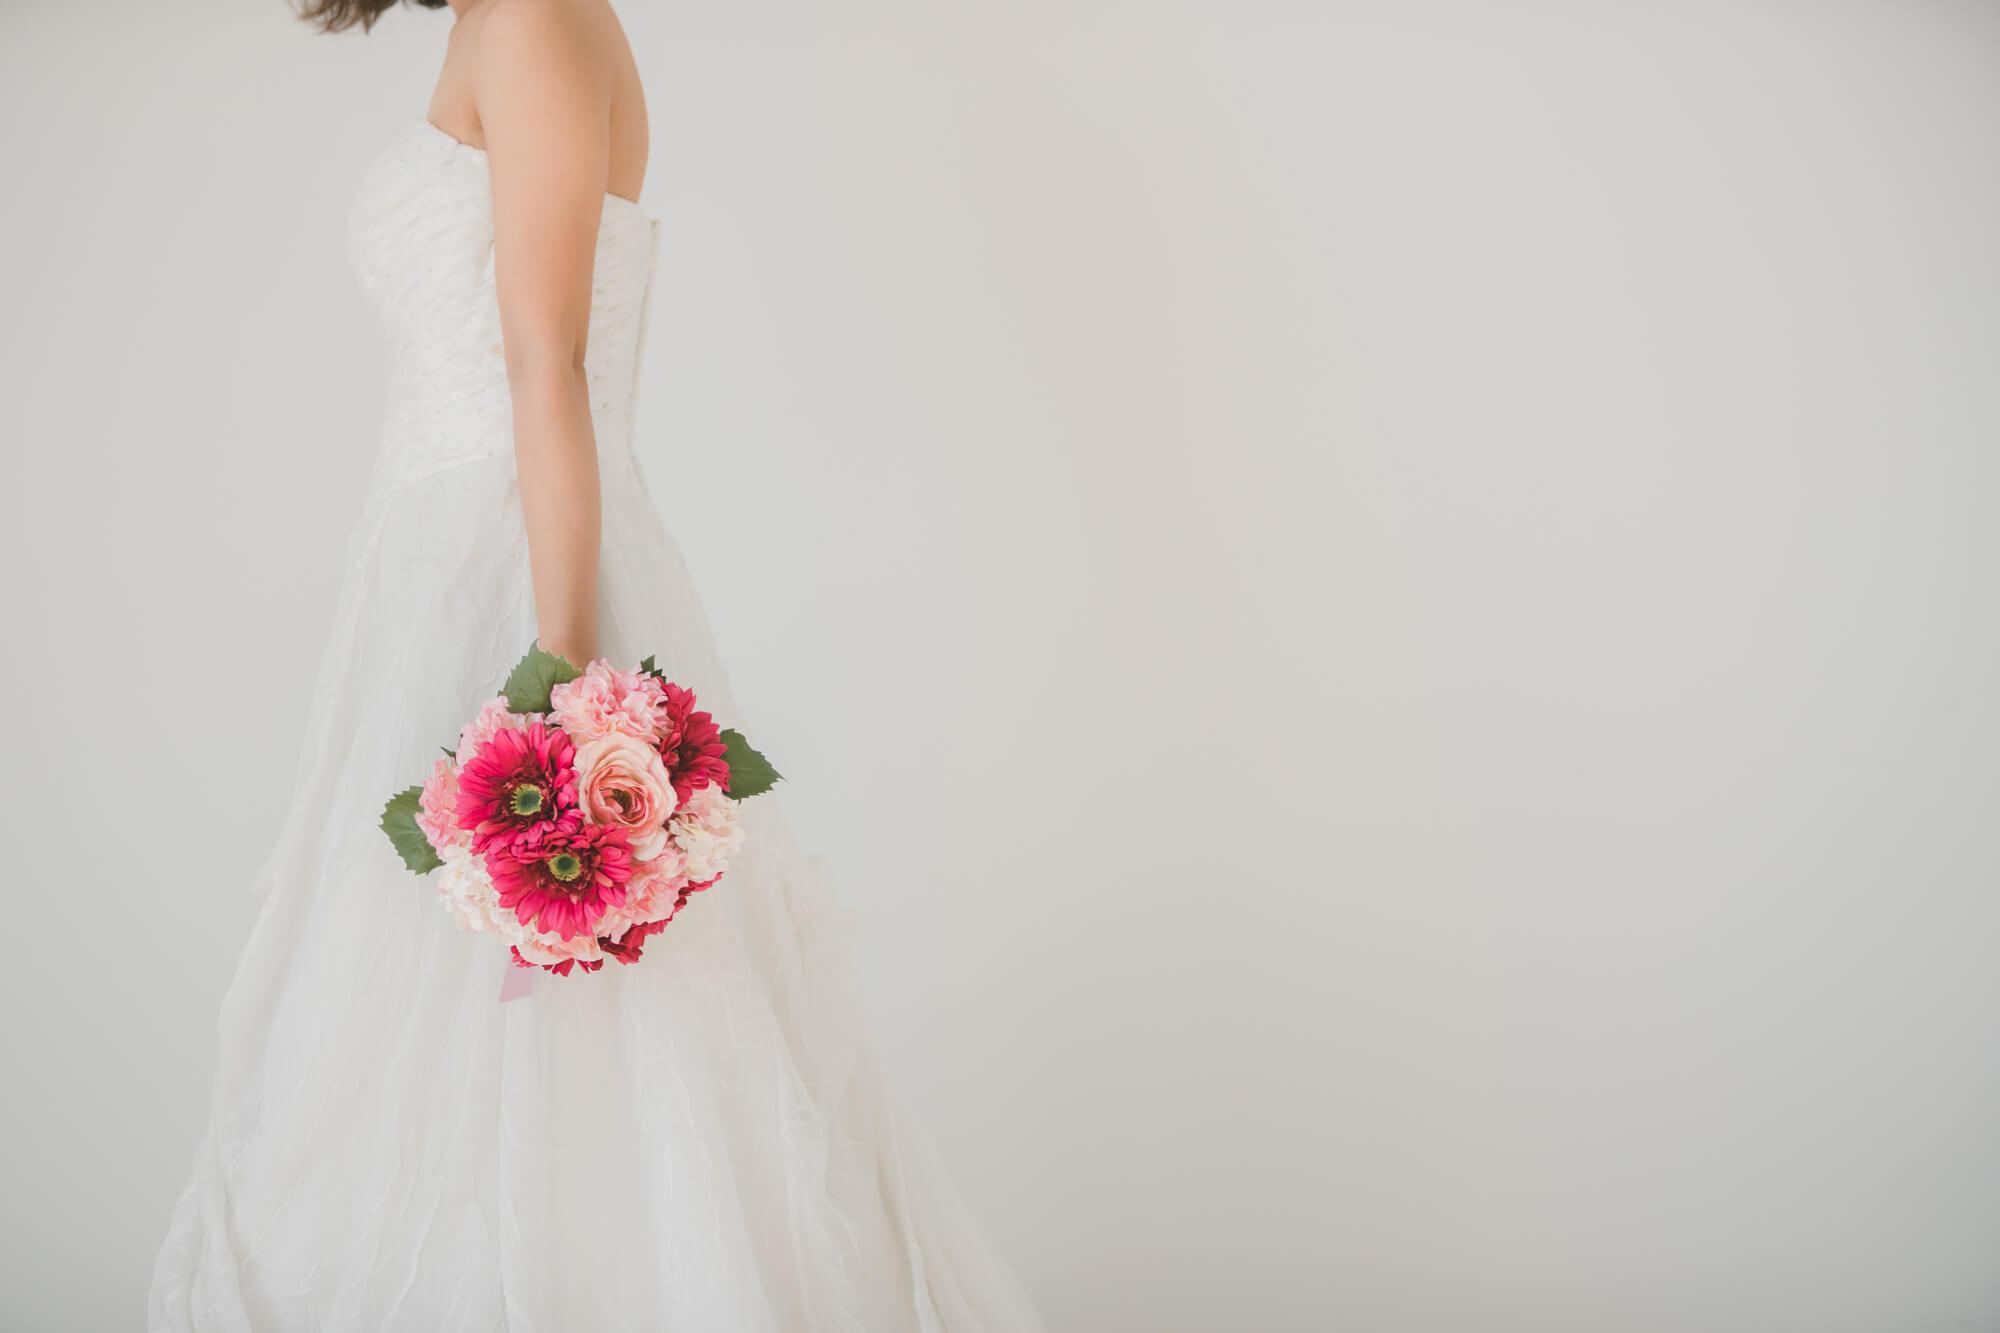 福岡で人気の式場と式場に合わせたレンタルドレスをご紹介